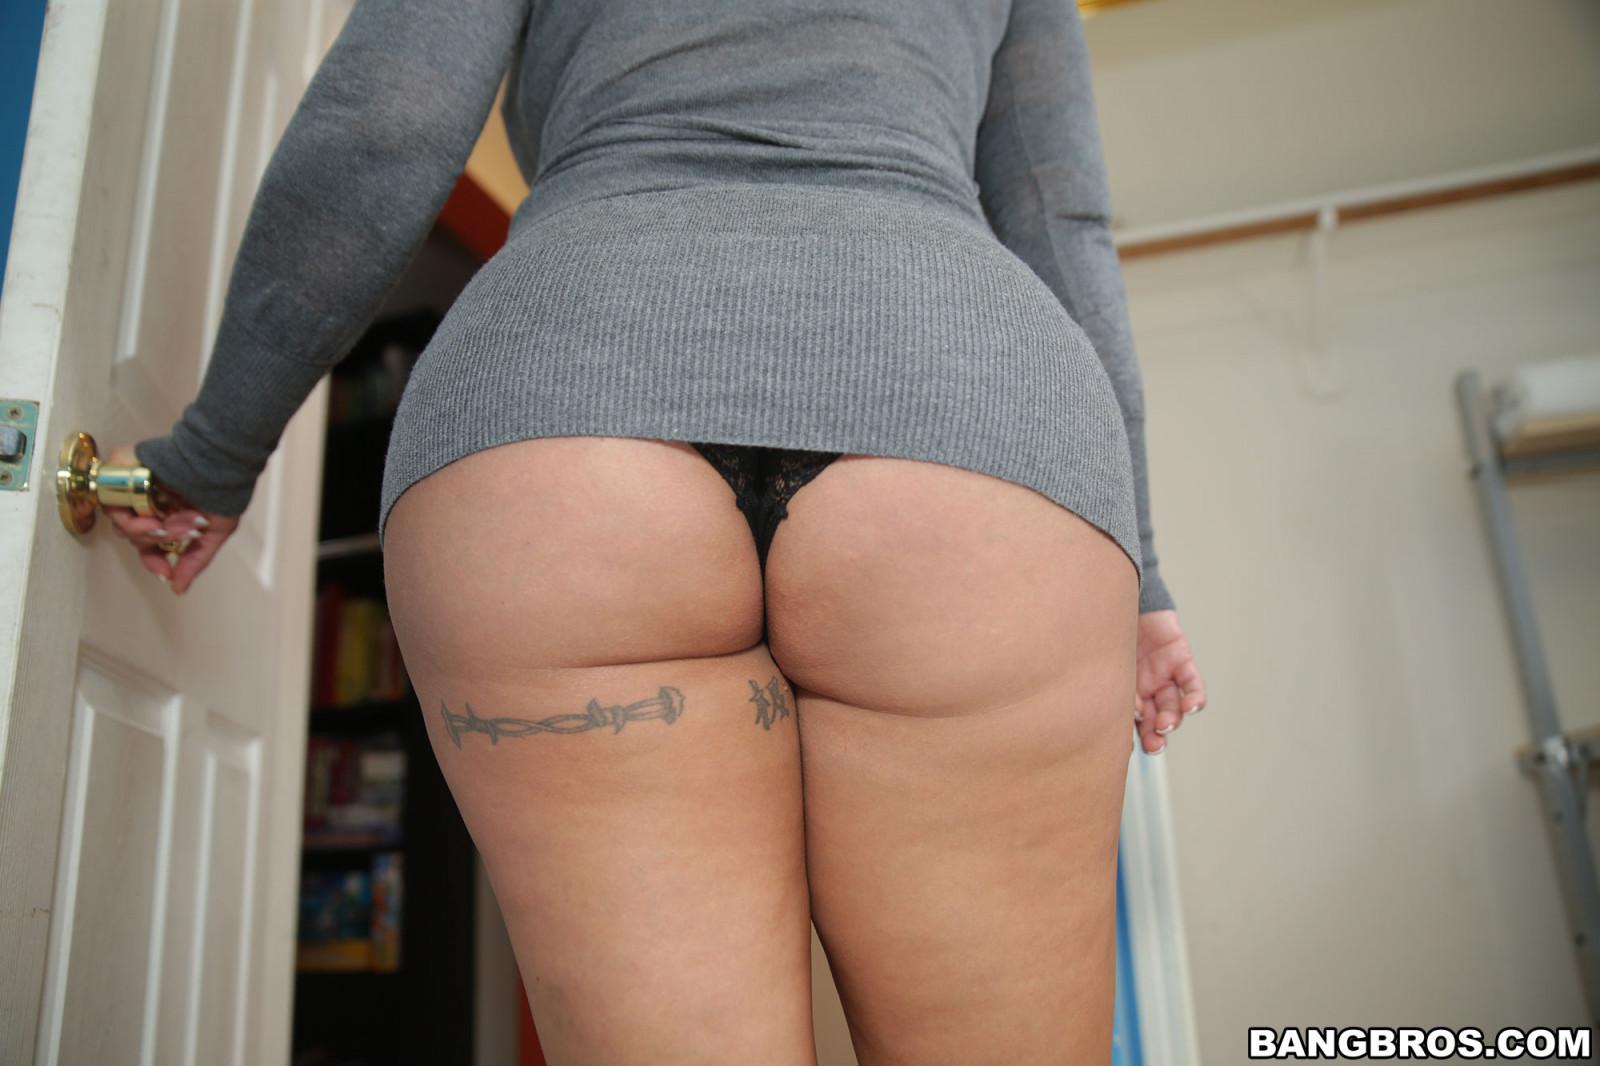 Bangbros Black Panties Pictures